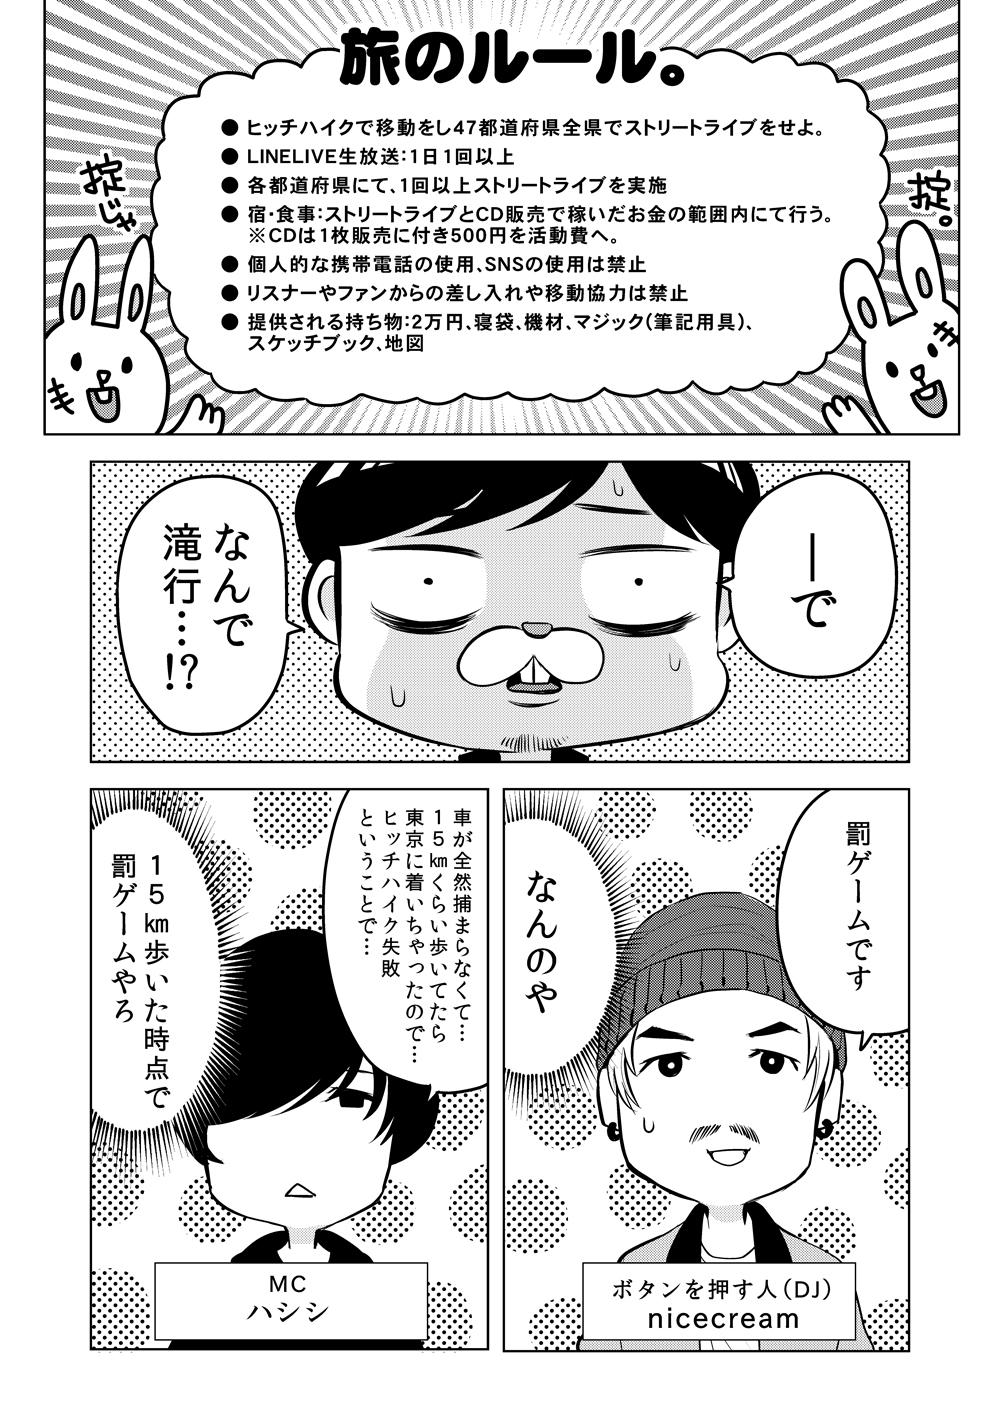 denpa-girl-manga-03